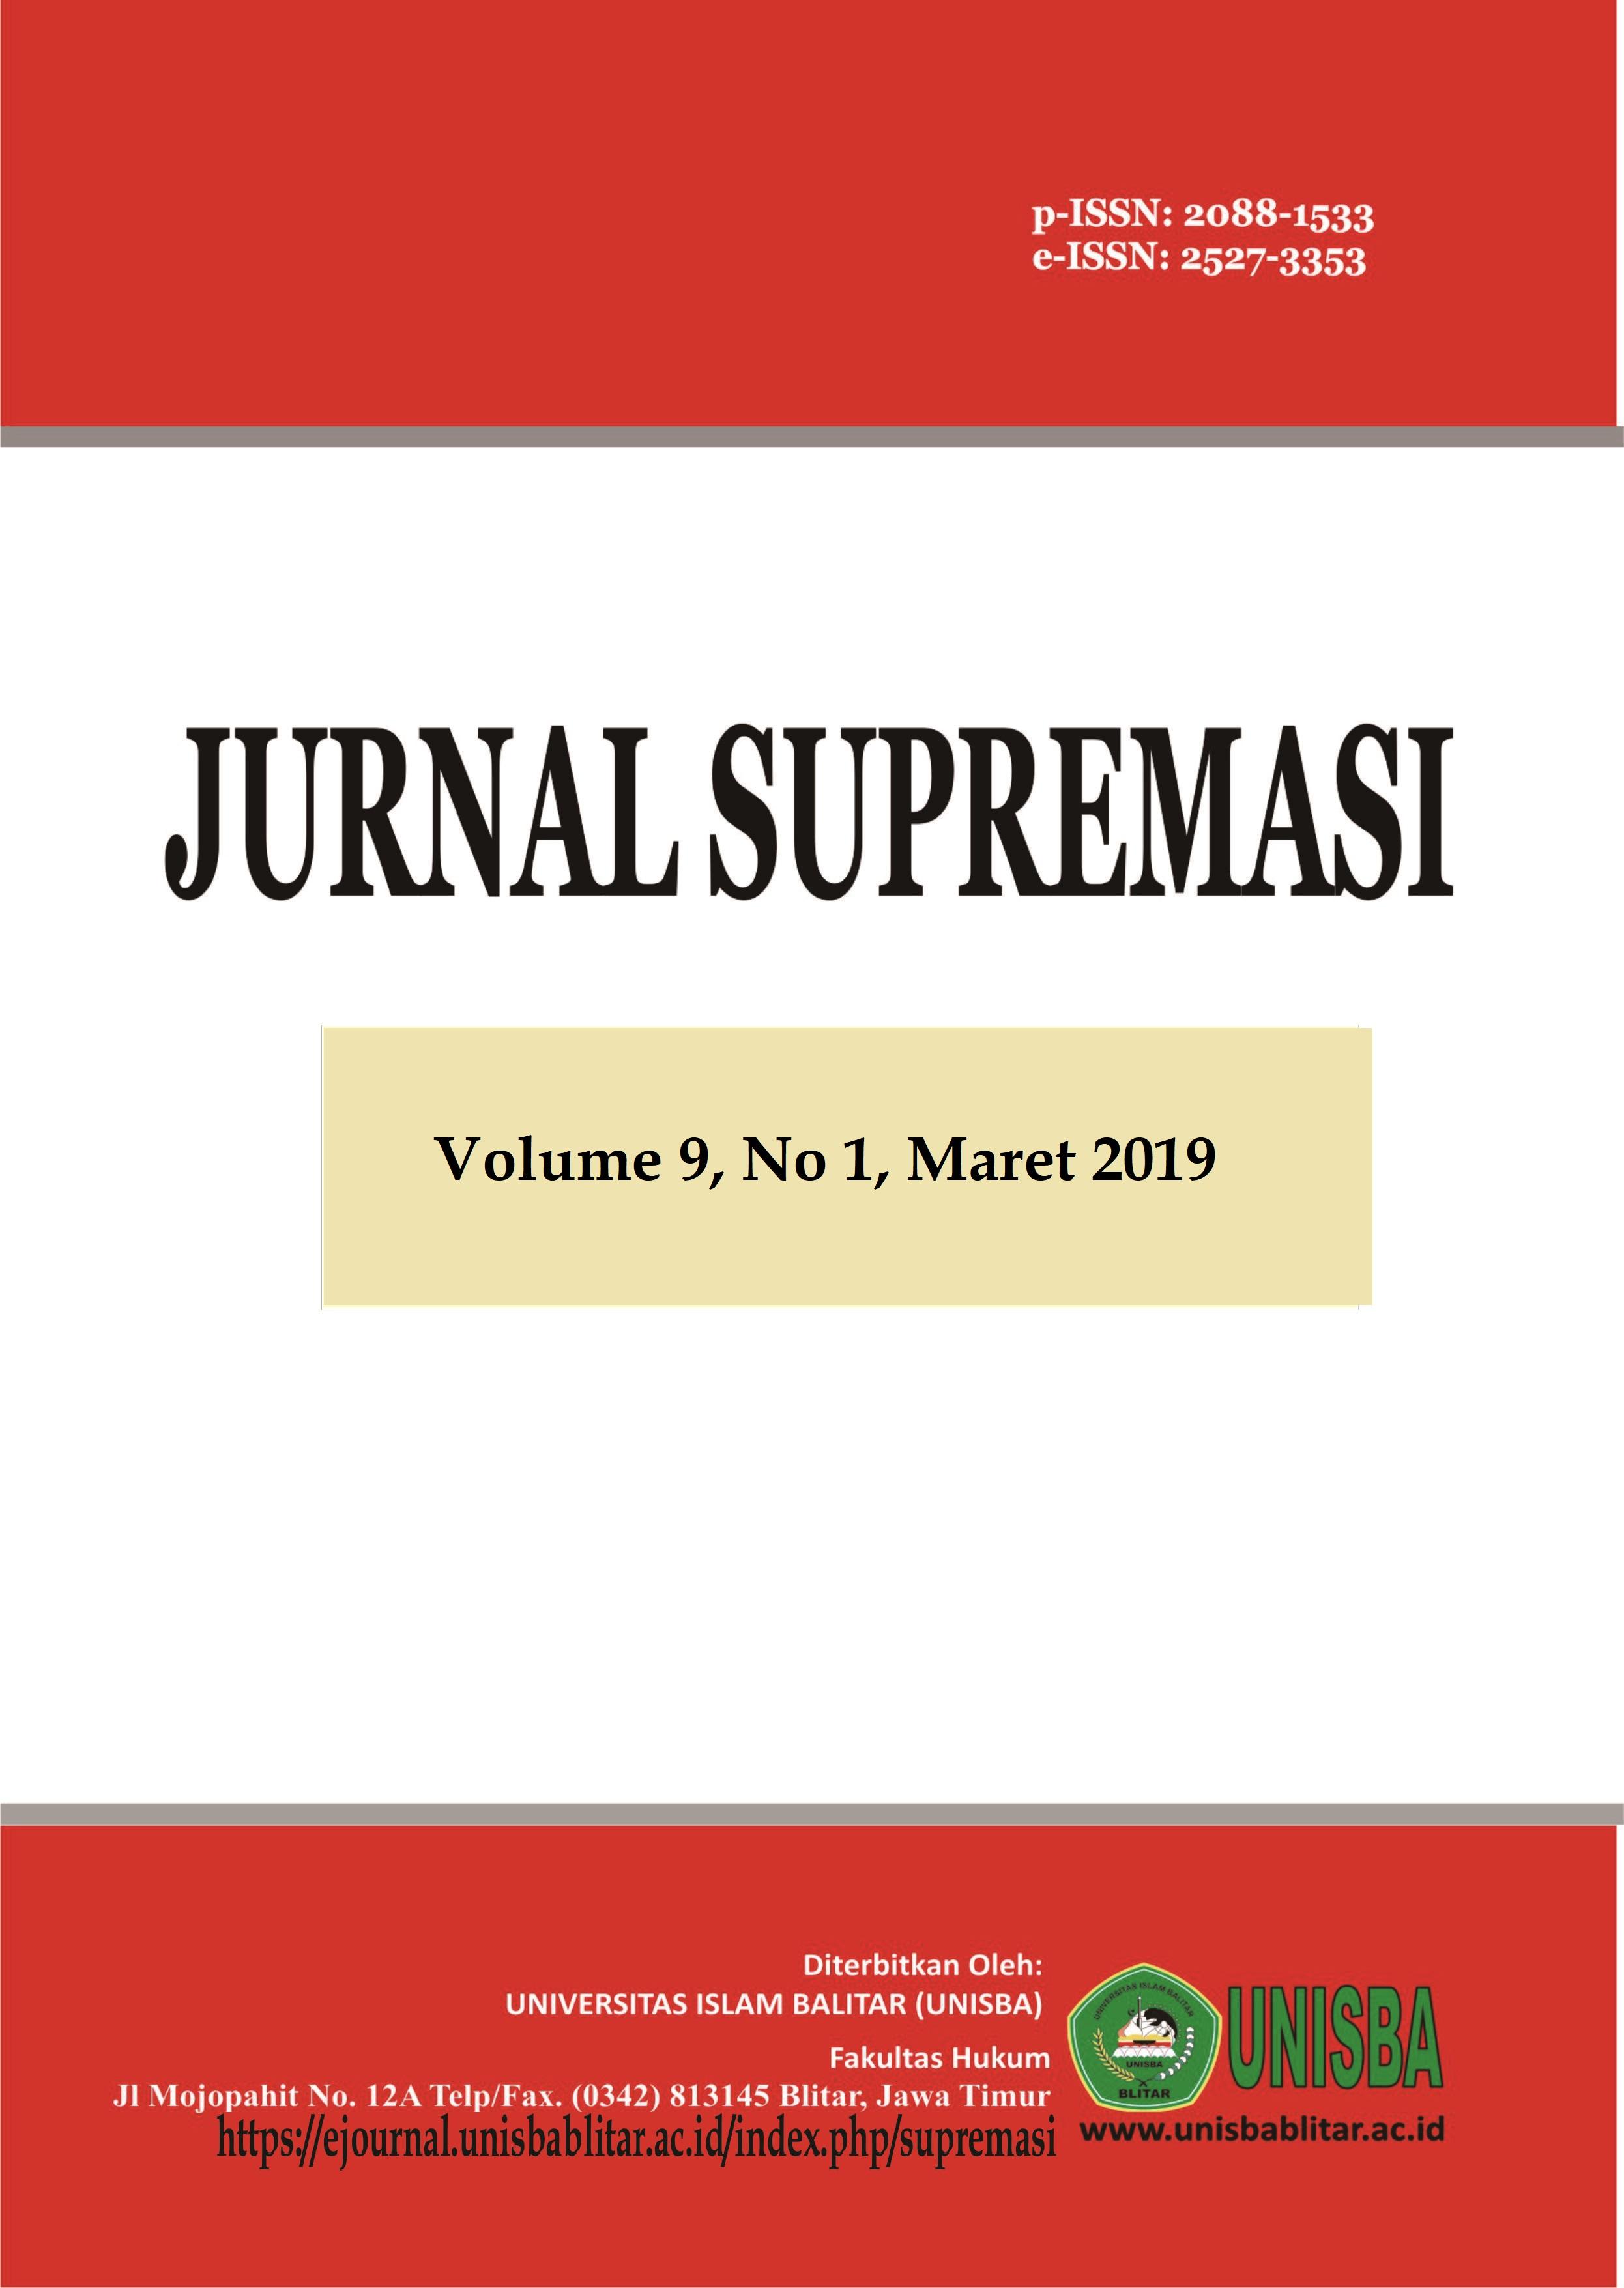 Jurnal Supremasi: Volume 9 Nomor 1 Tahun 2019